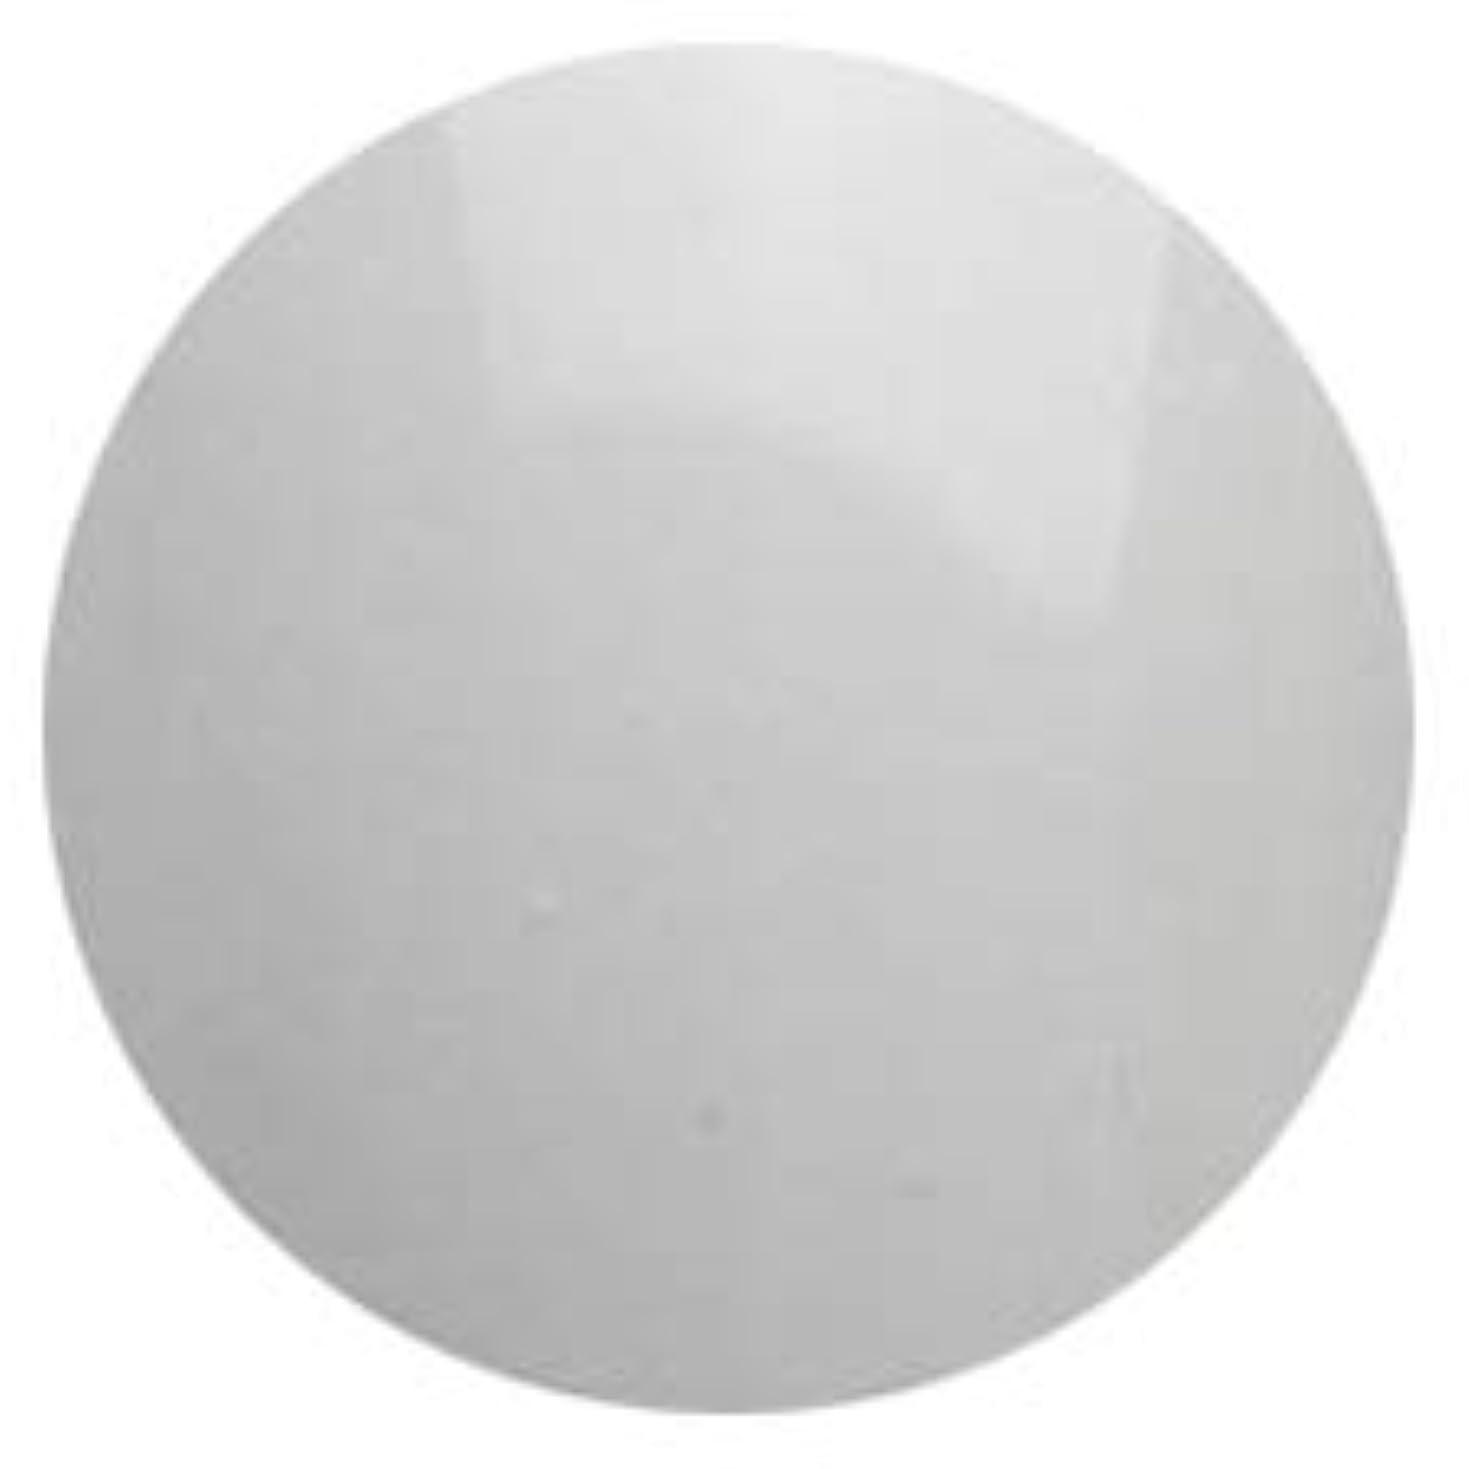 死にかけている死にかけているエンジニアT-GEL COLLECTION カラージェル D121 ミルキーホワイト 4ml